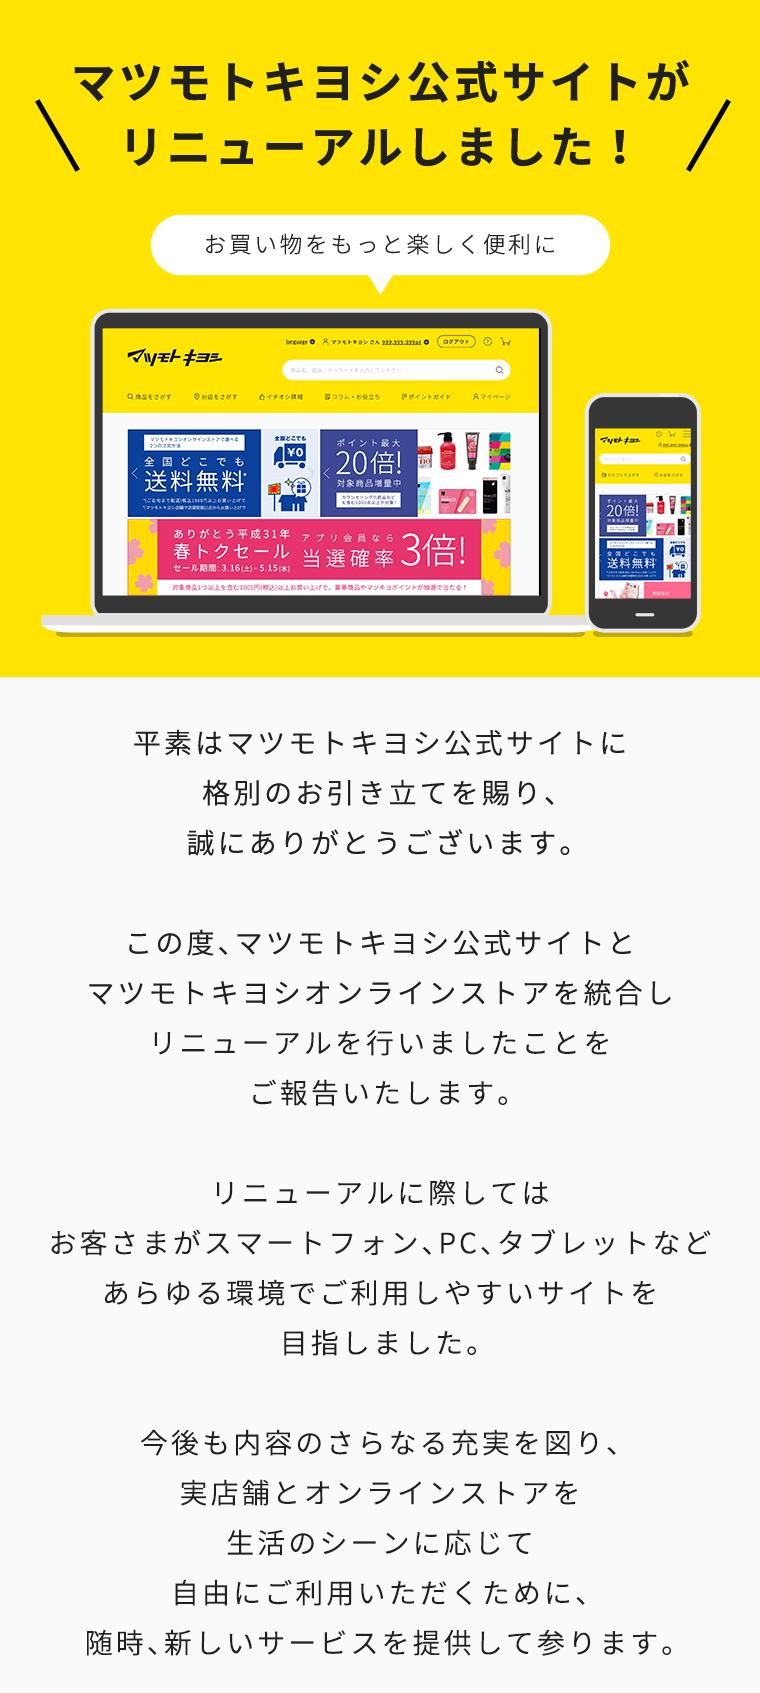 マツモトキヨシ公式サイトがリニューアルしました!